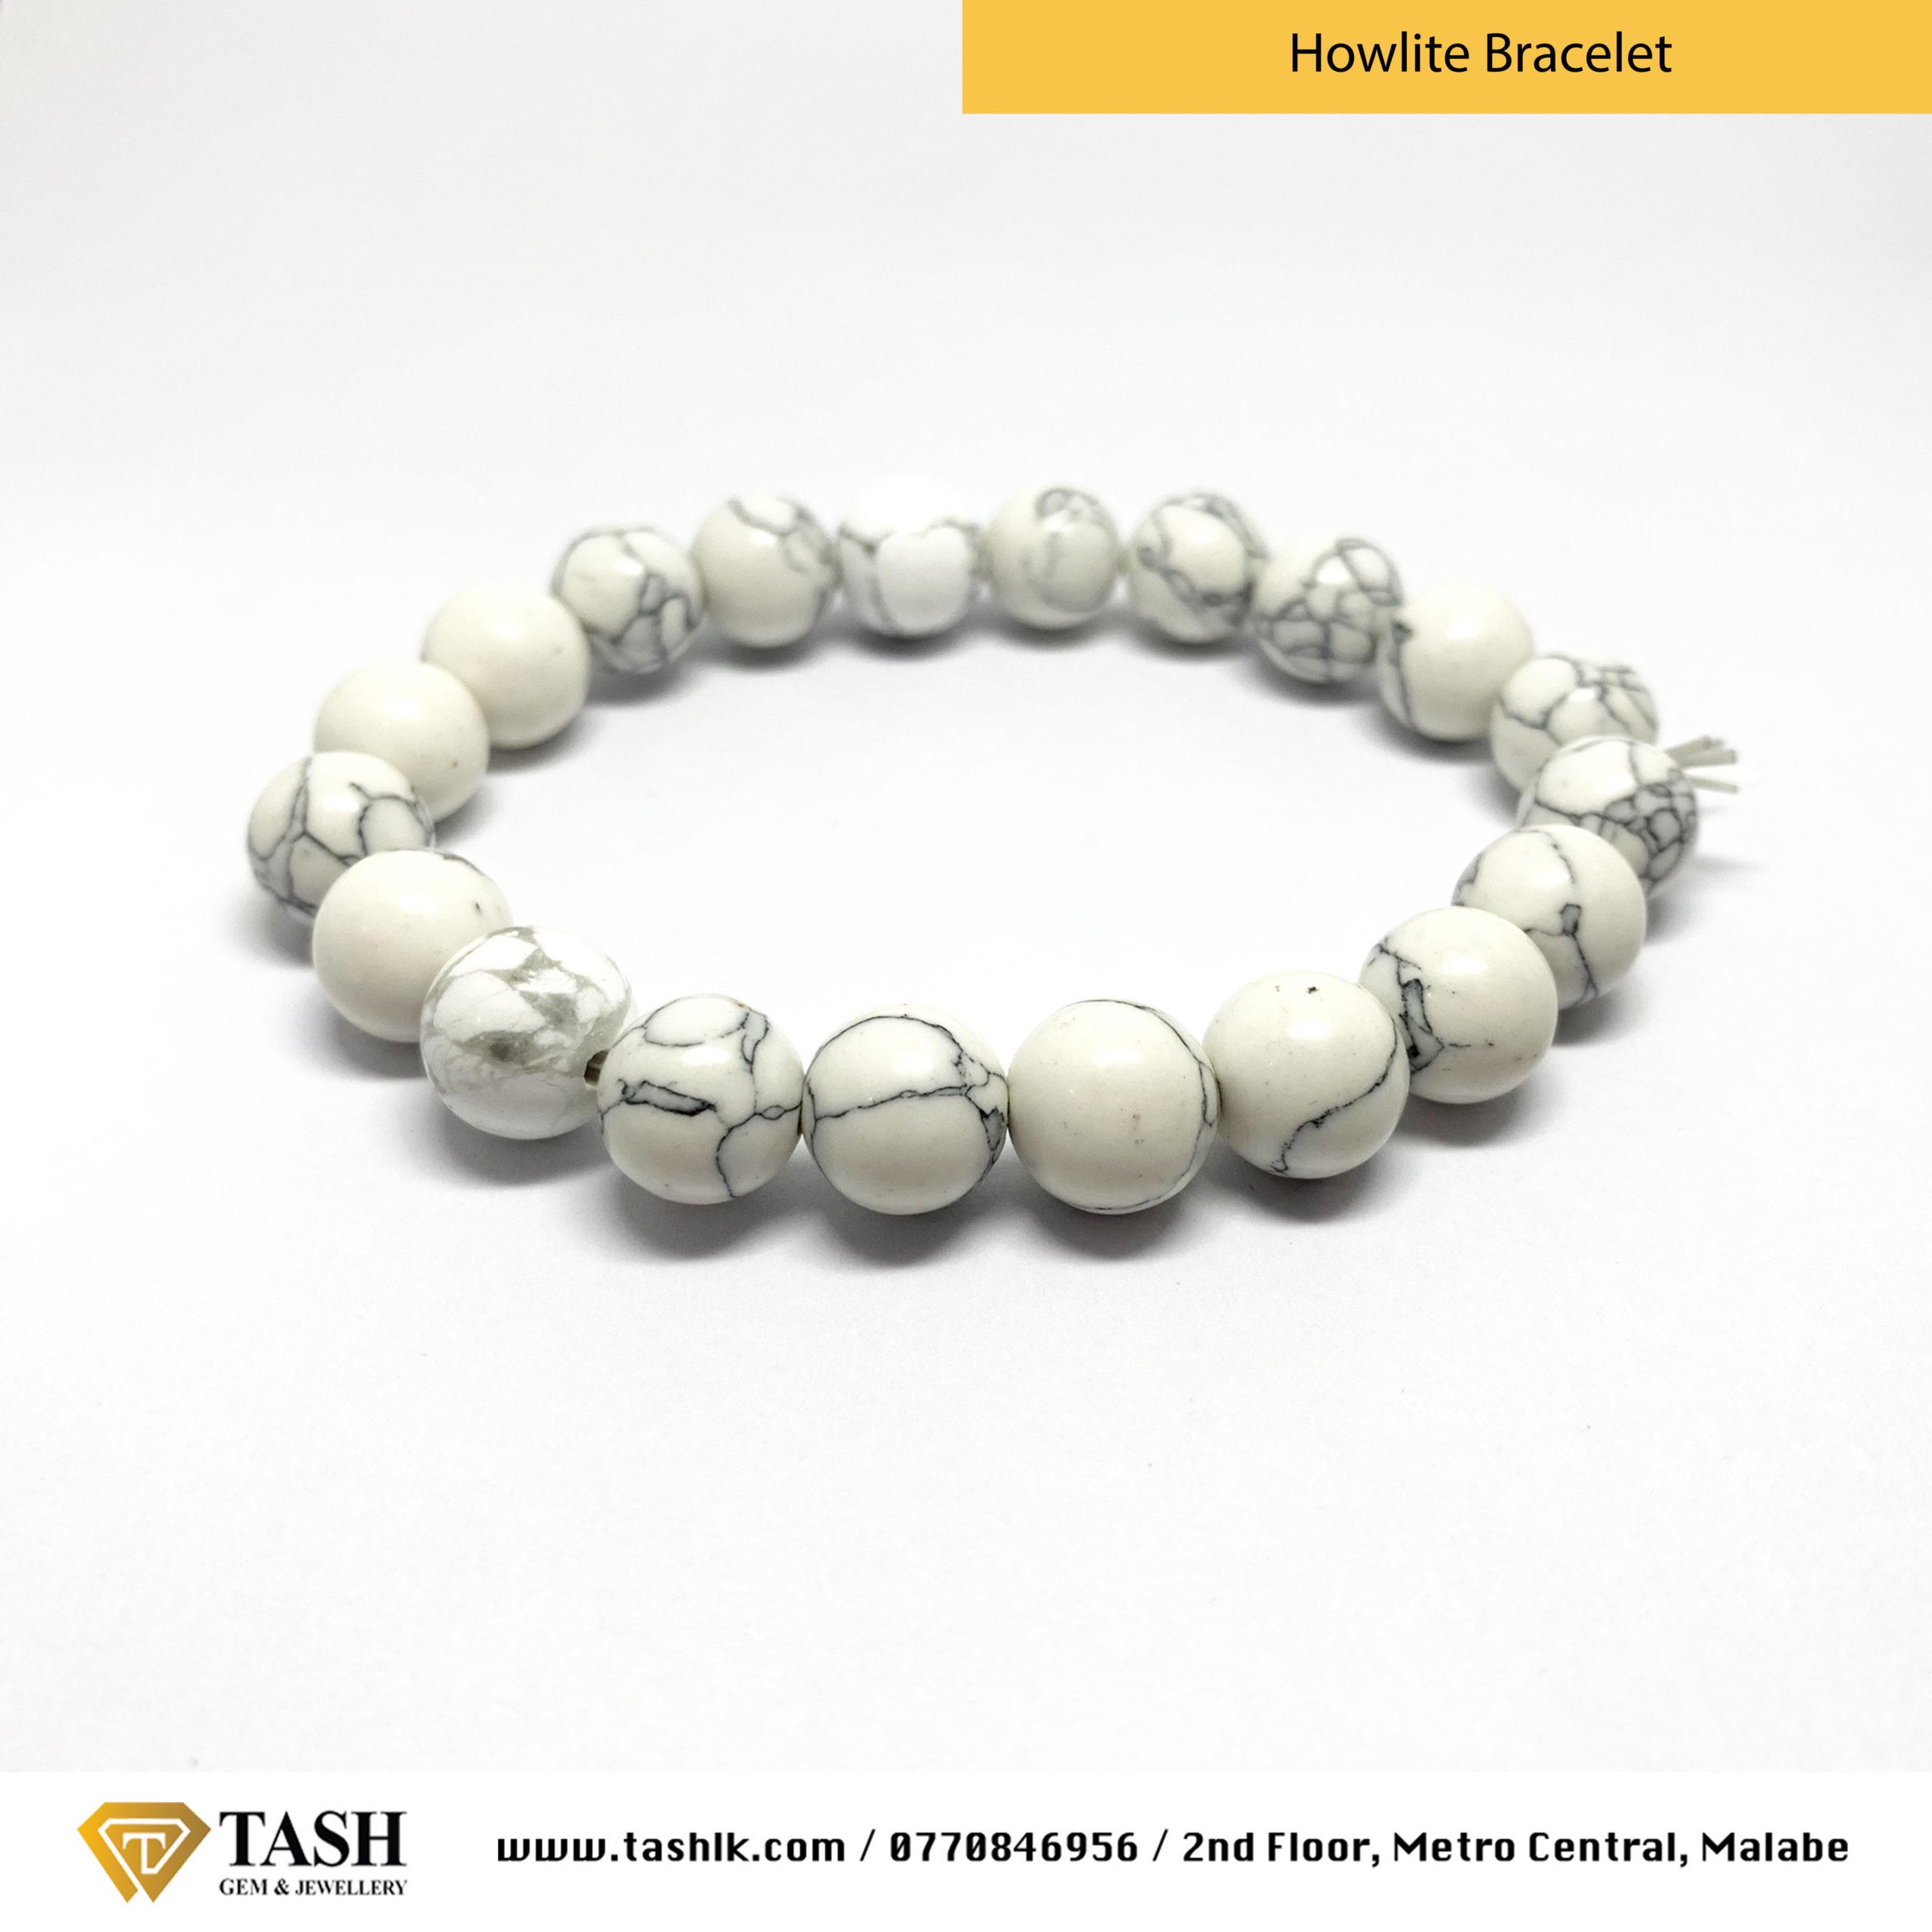 Howlite Bracelet 1